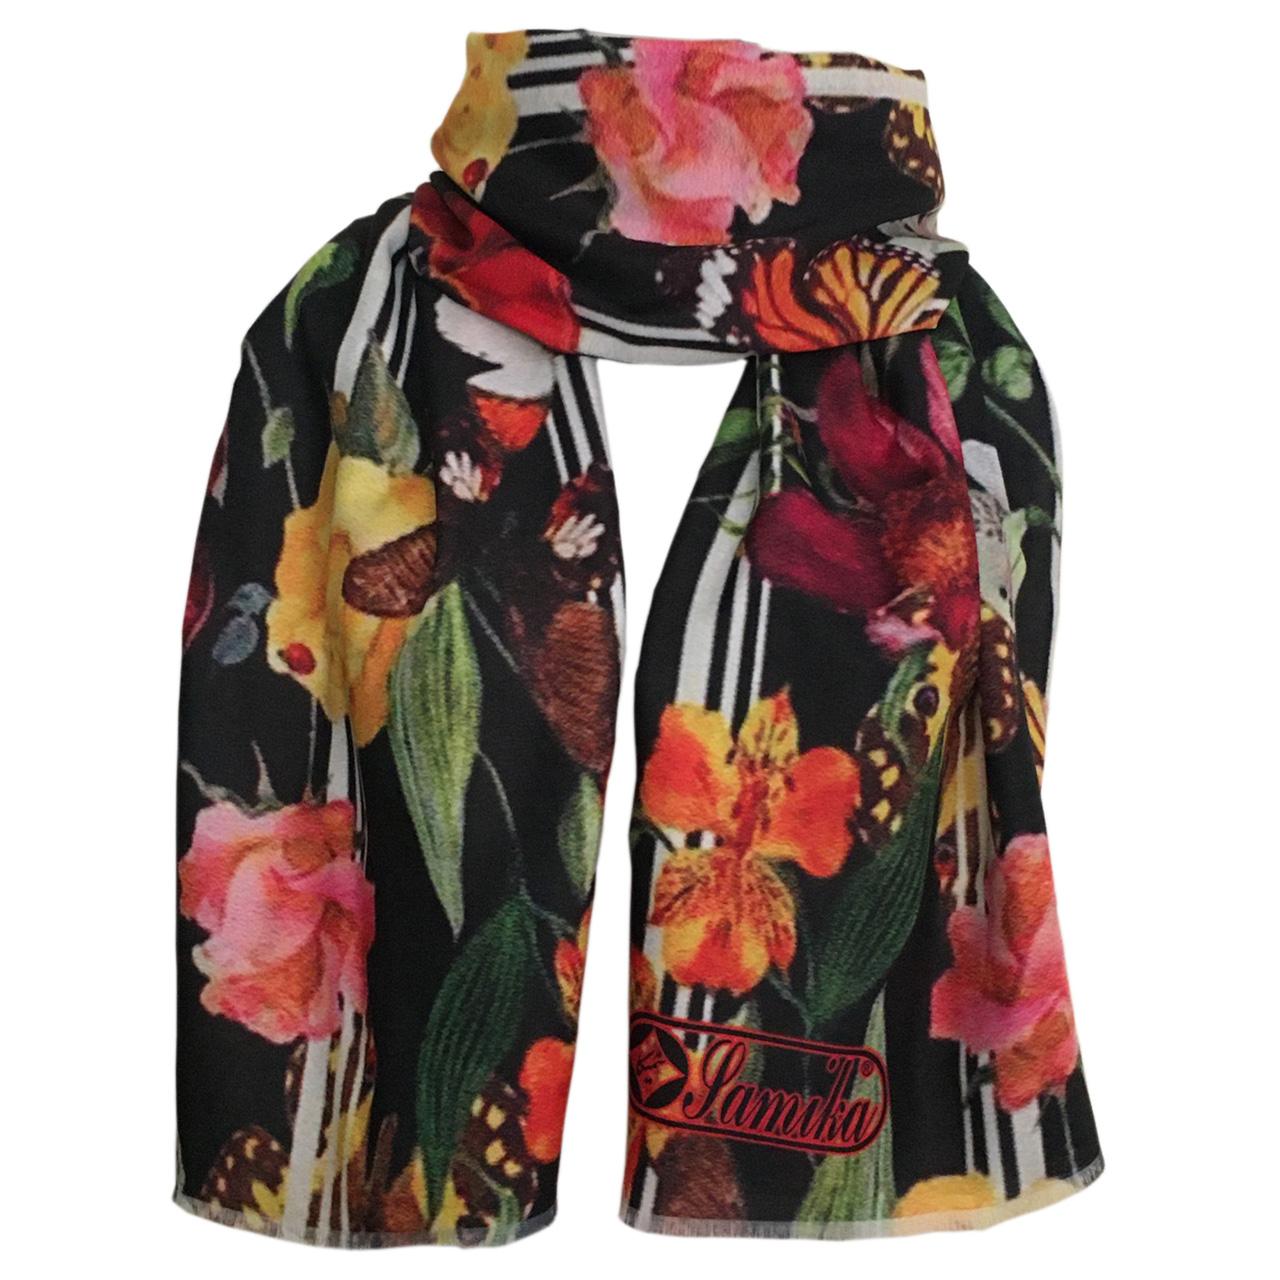 شال زنانه سمیکا طرح گل و پروانه کد C218